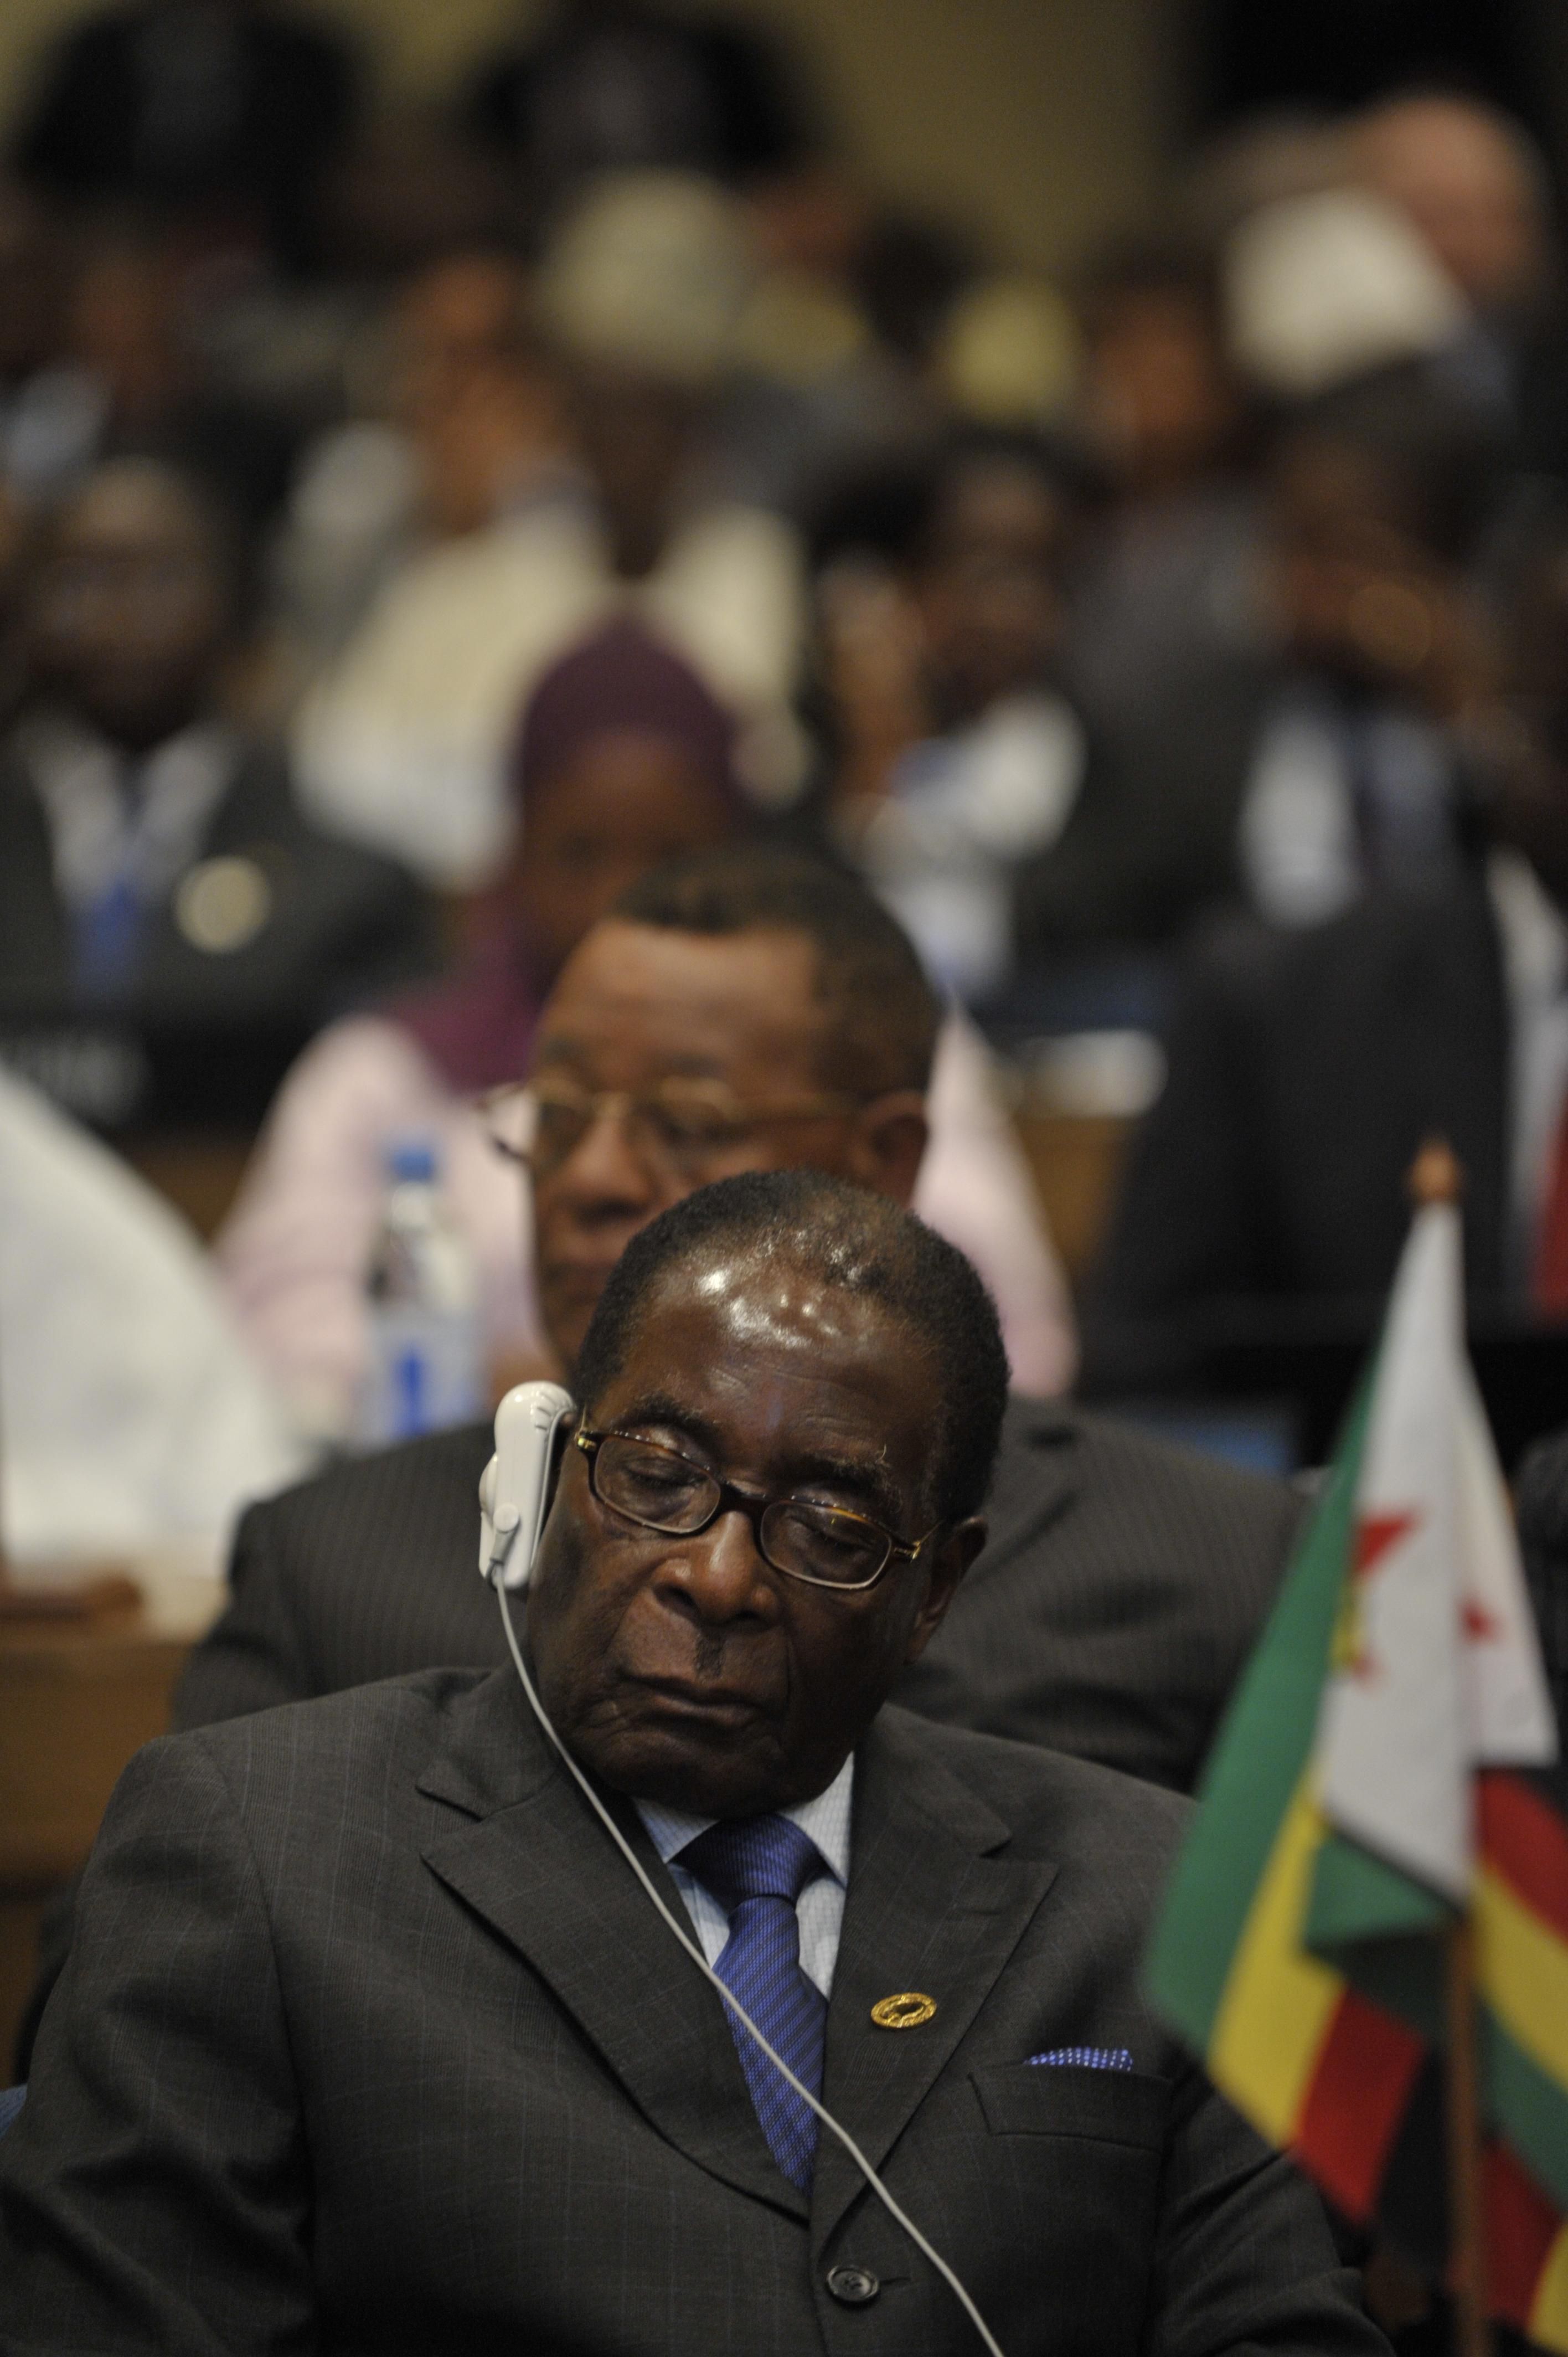 Robert Mugabe Wikipedia >> Robert Mugabe | SITE